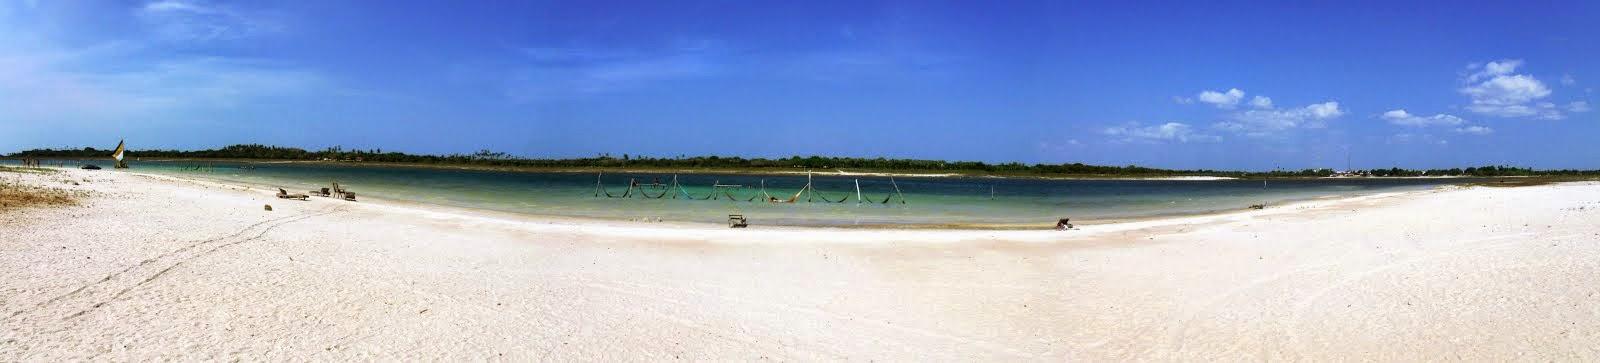 Conheça tudo sobre as praias mais belas conhecidas e as quase intocadas do litoral cearense!!!